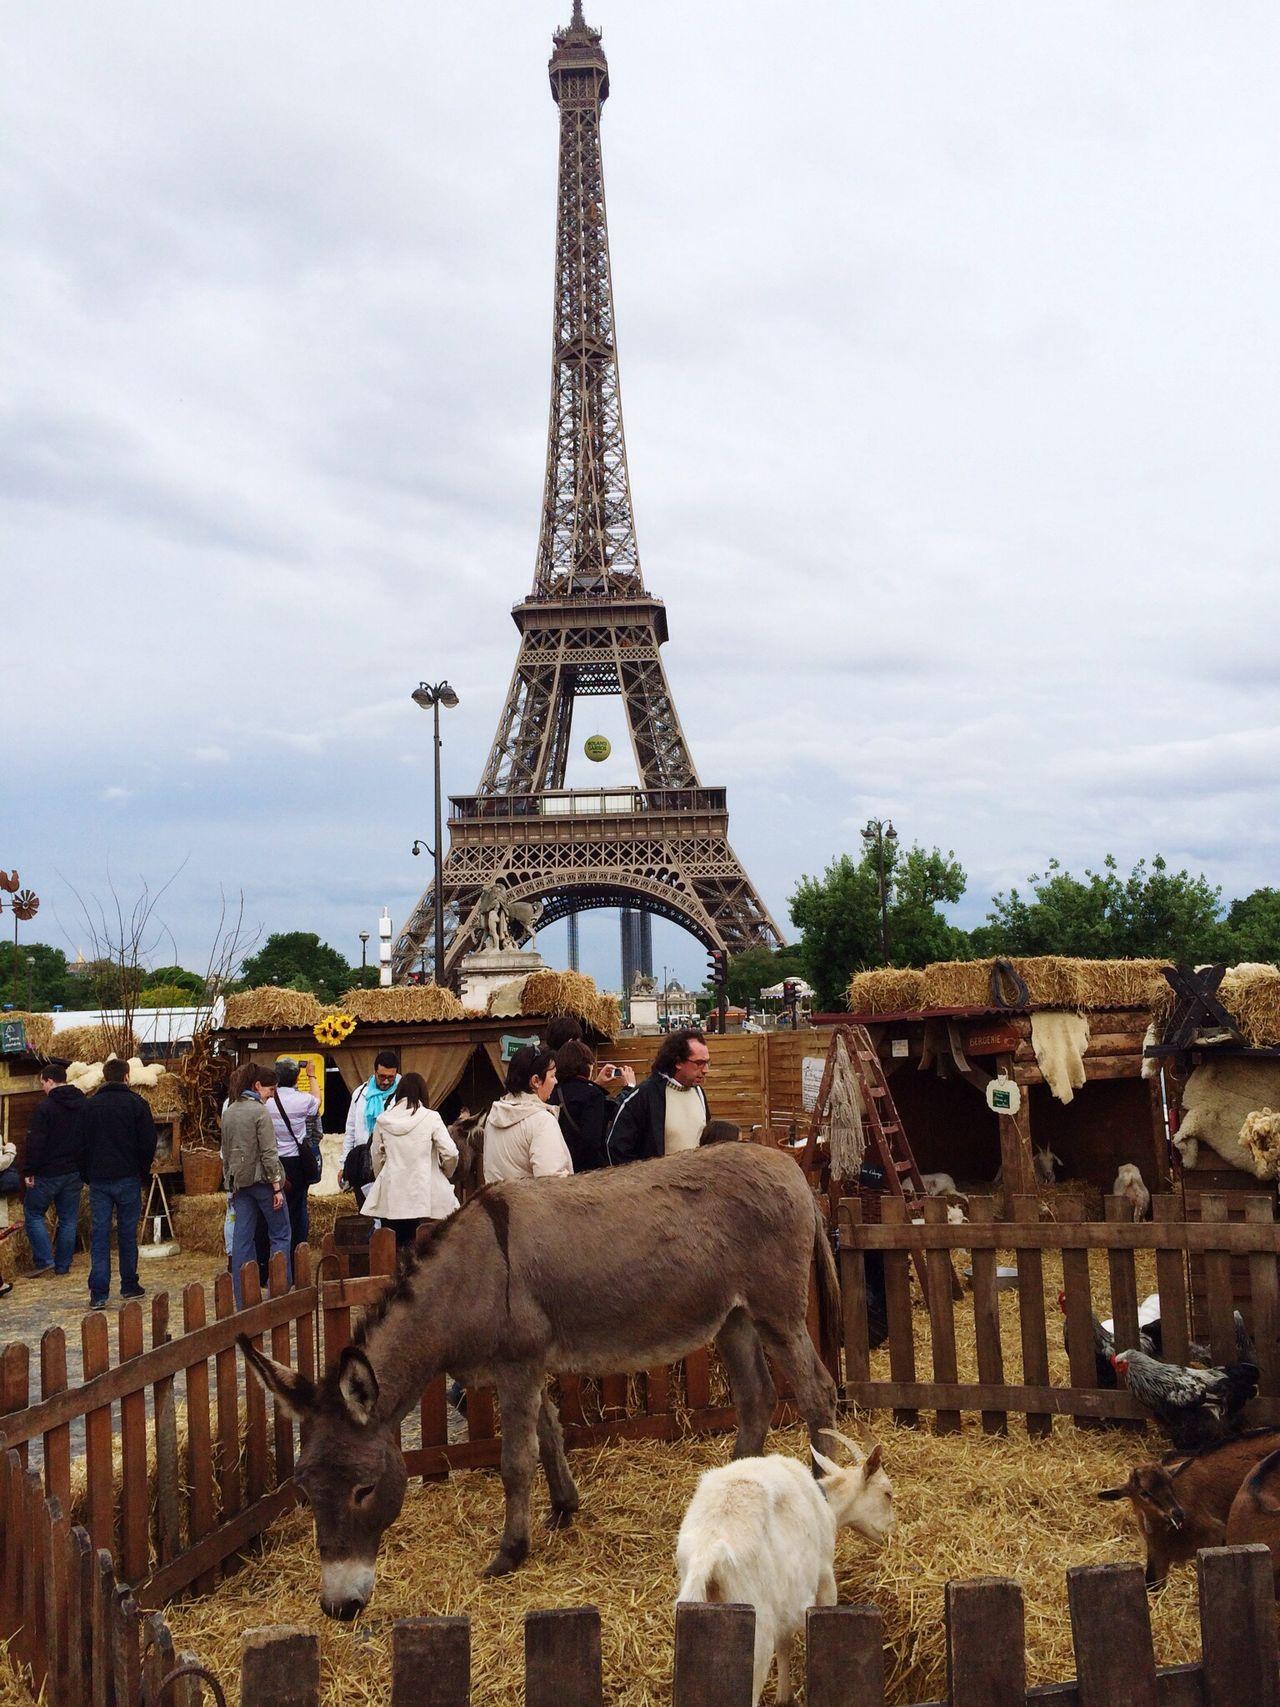 Paris May 2014... Paris ❤ Tour Eiffel Eiffel Tower Exibition Farm And City Farm Animals Contrast Village Village Vs City